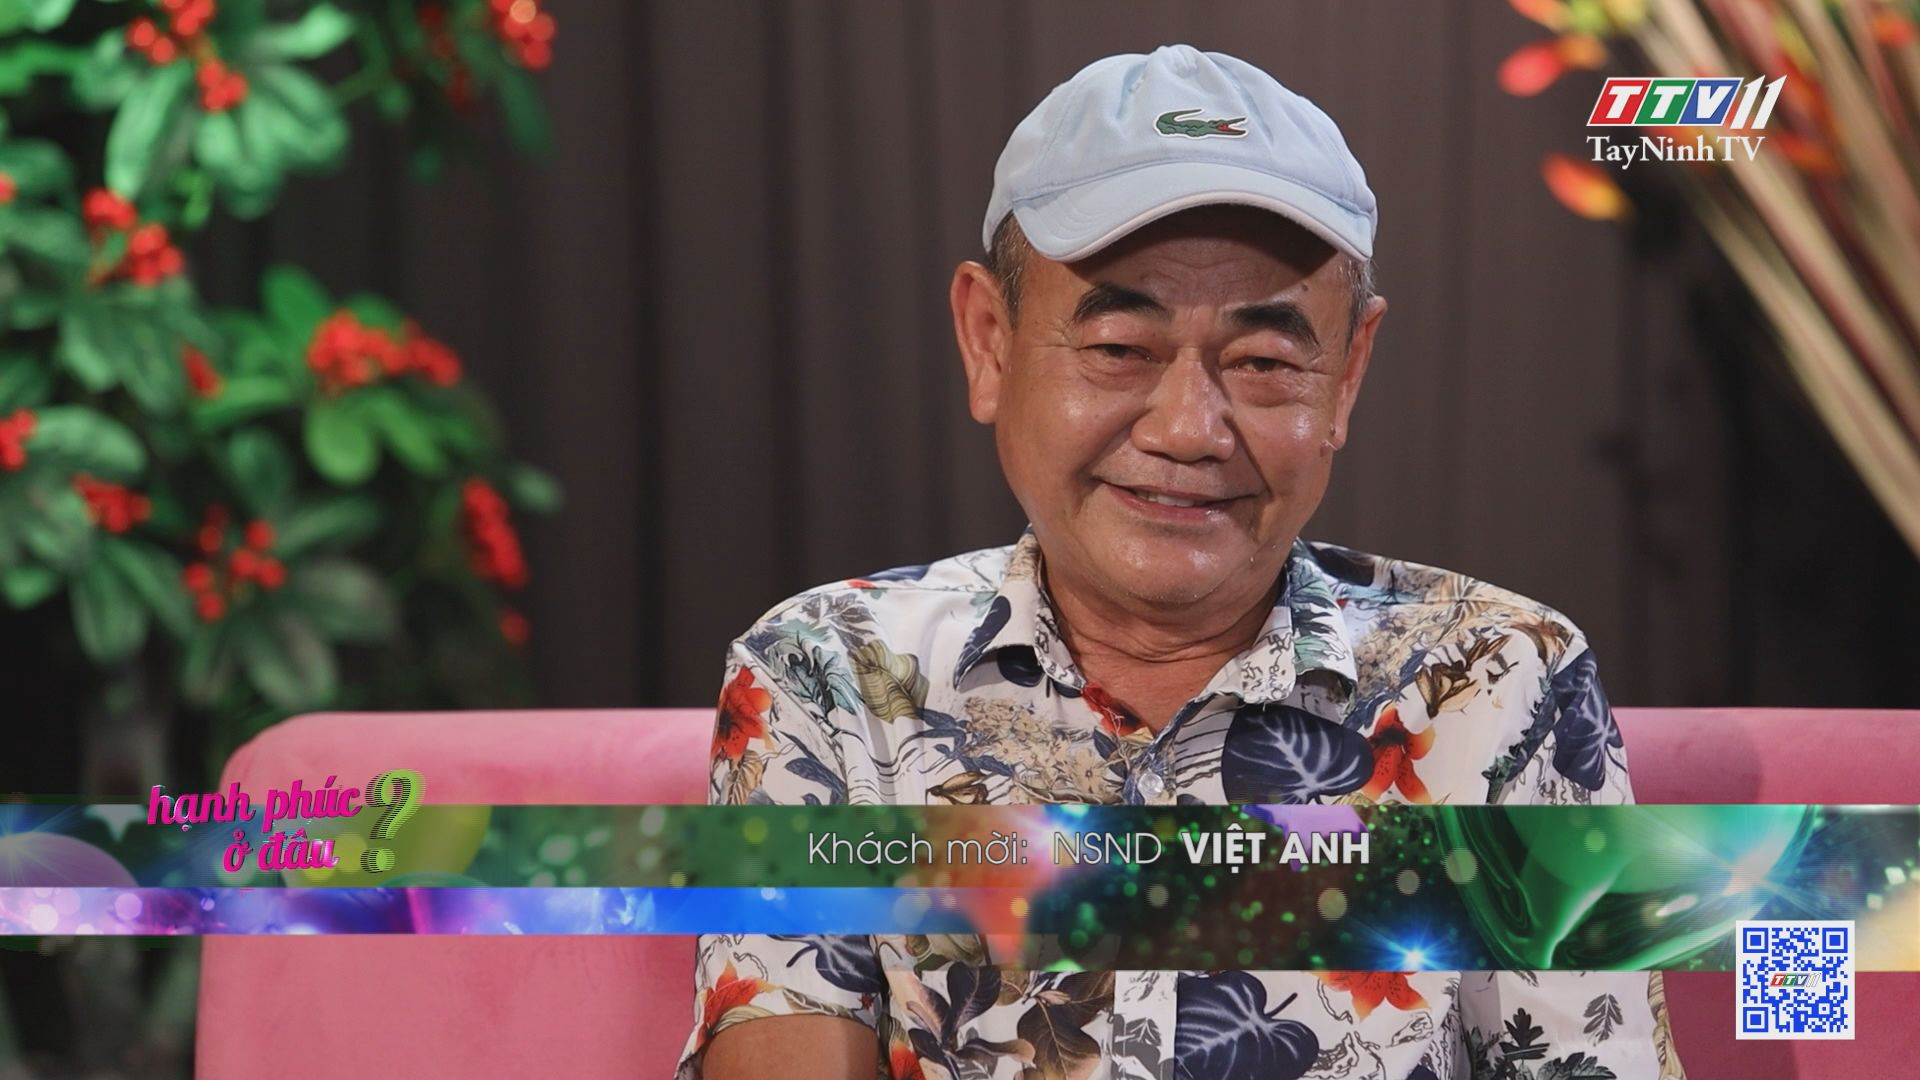 Tập 26 năm 2021_NSND Việt Anh 100 năm mới có một nghệ sĩ xuất sắc như Trấn Thành | HẠNH PHÚC Ở ĐÂU | TayNinhTV